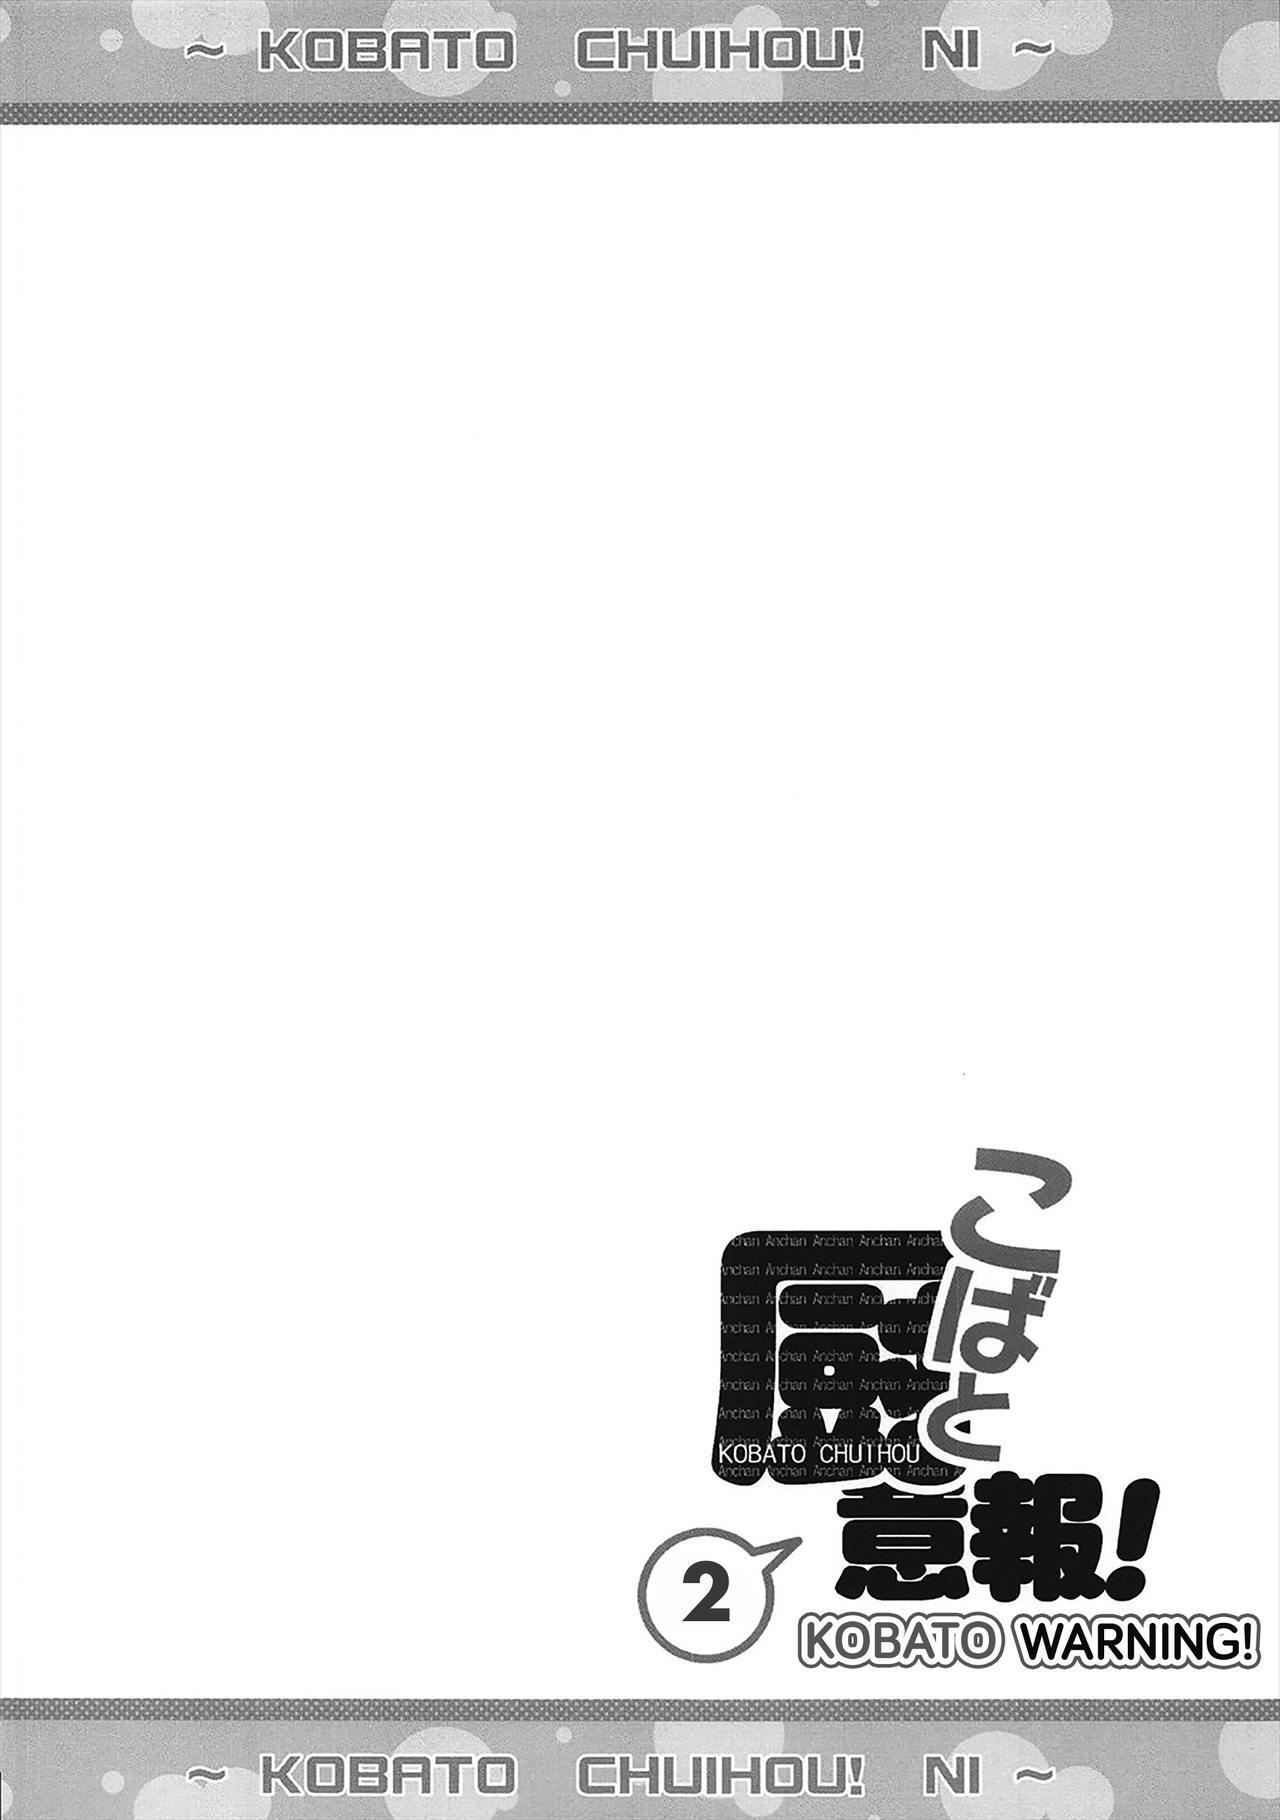 Kobato Chuihou! Ni | Kobato Warning! 2 22